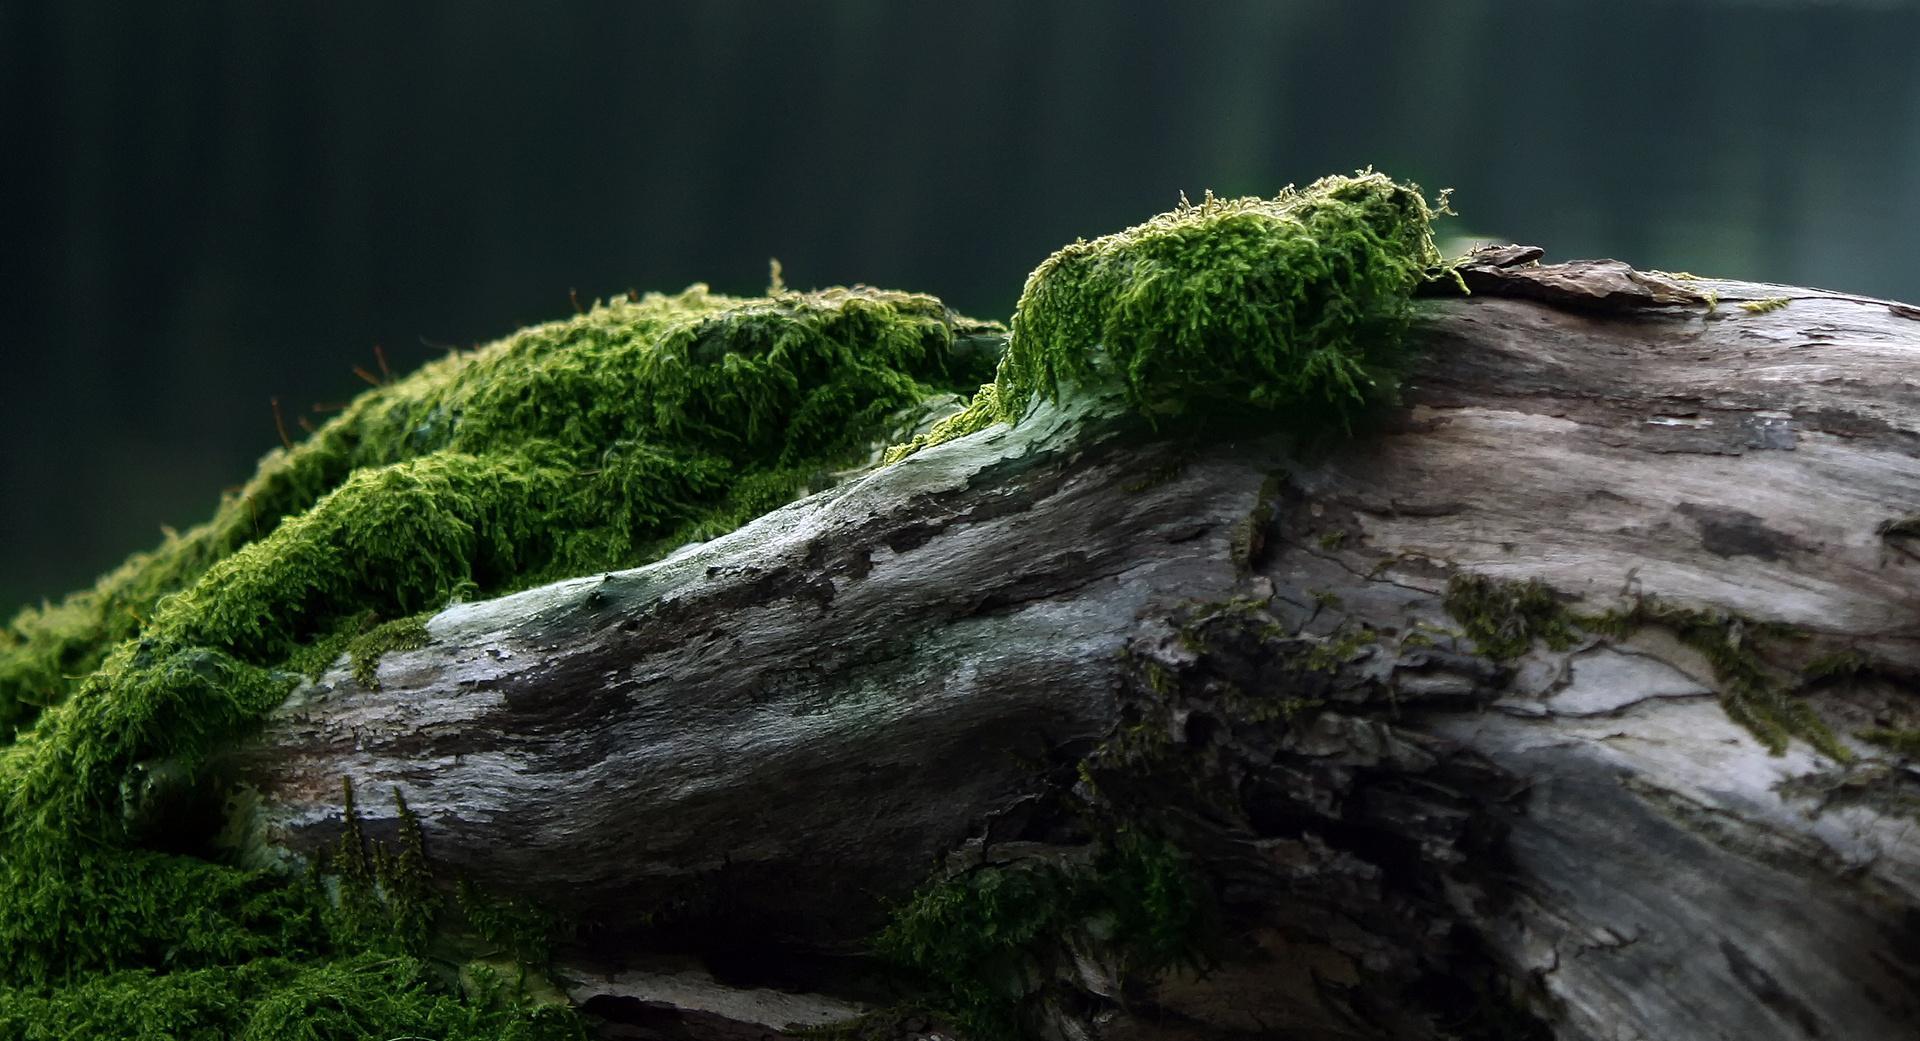 Красивая коряга с мхом для украшения сада или дачи